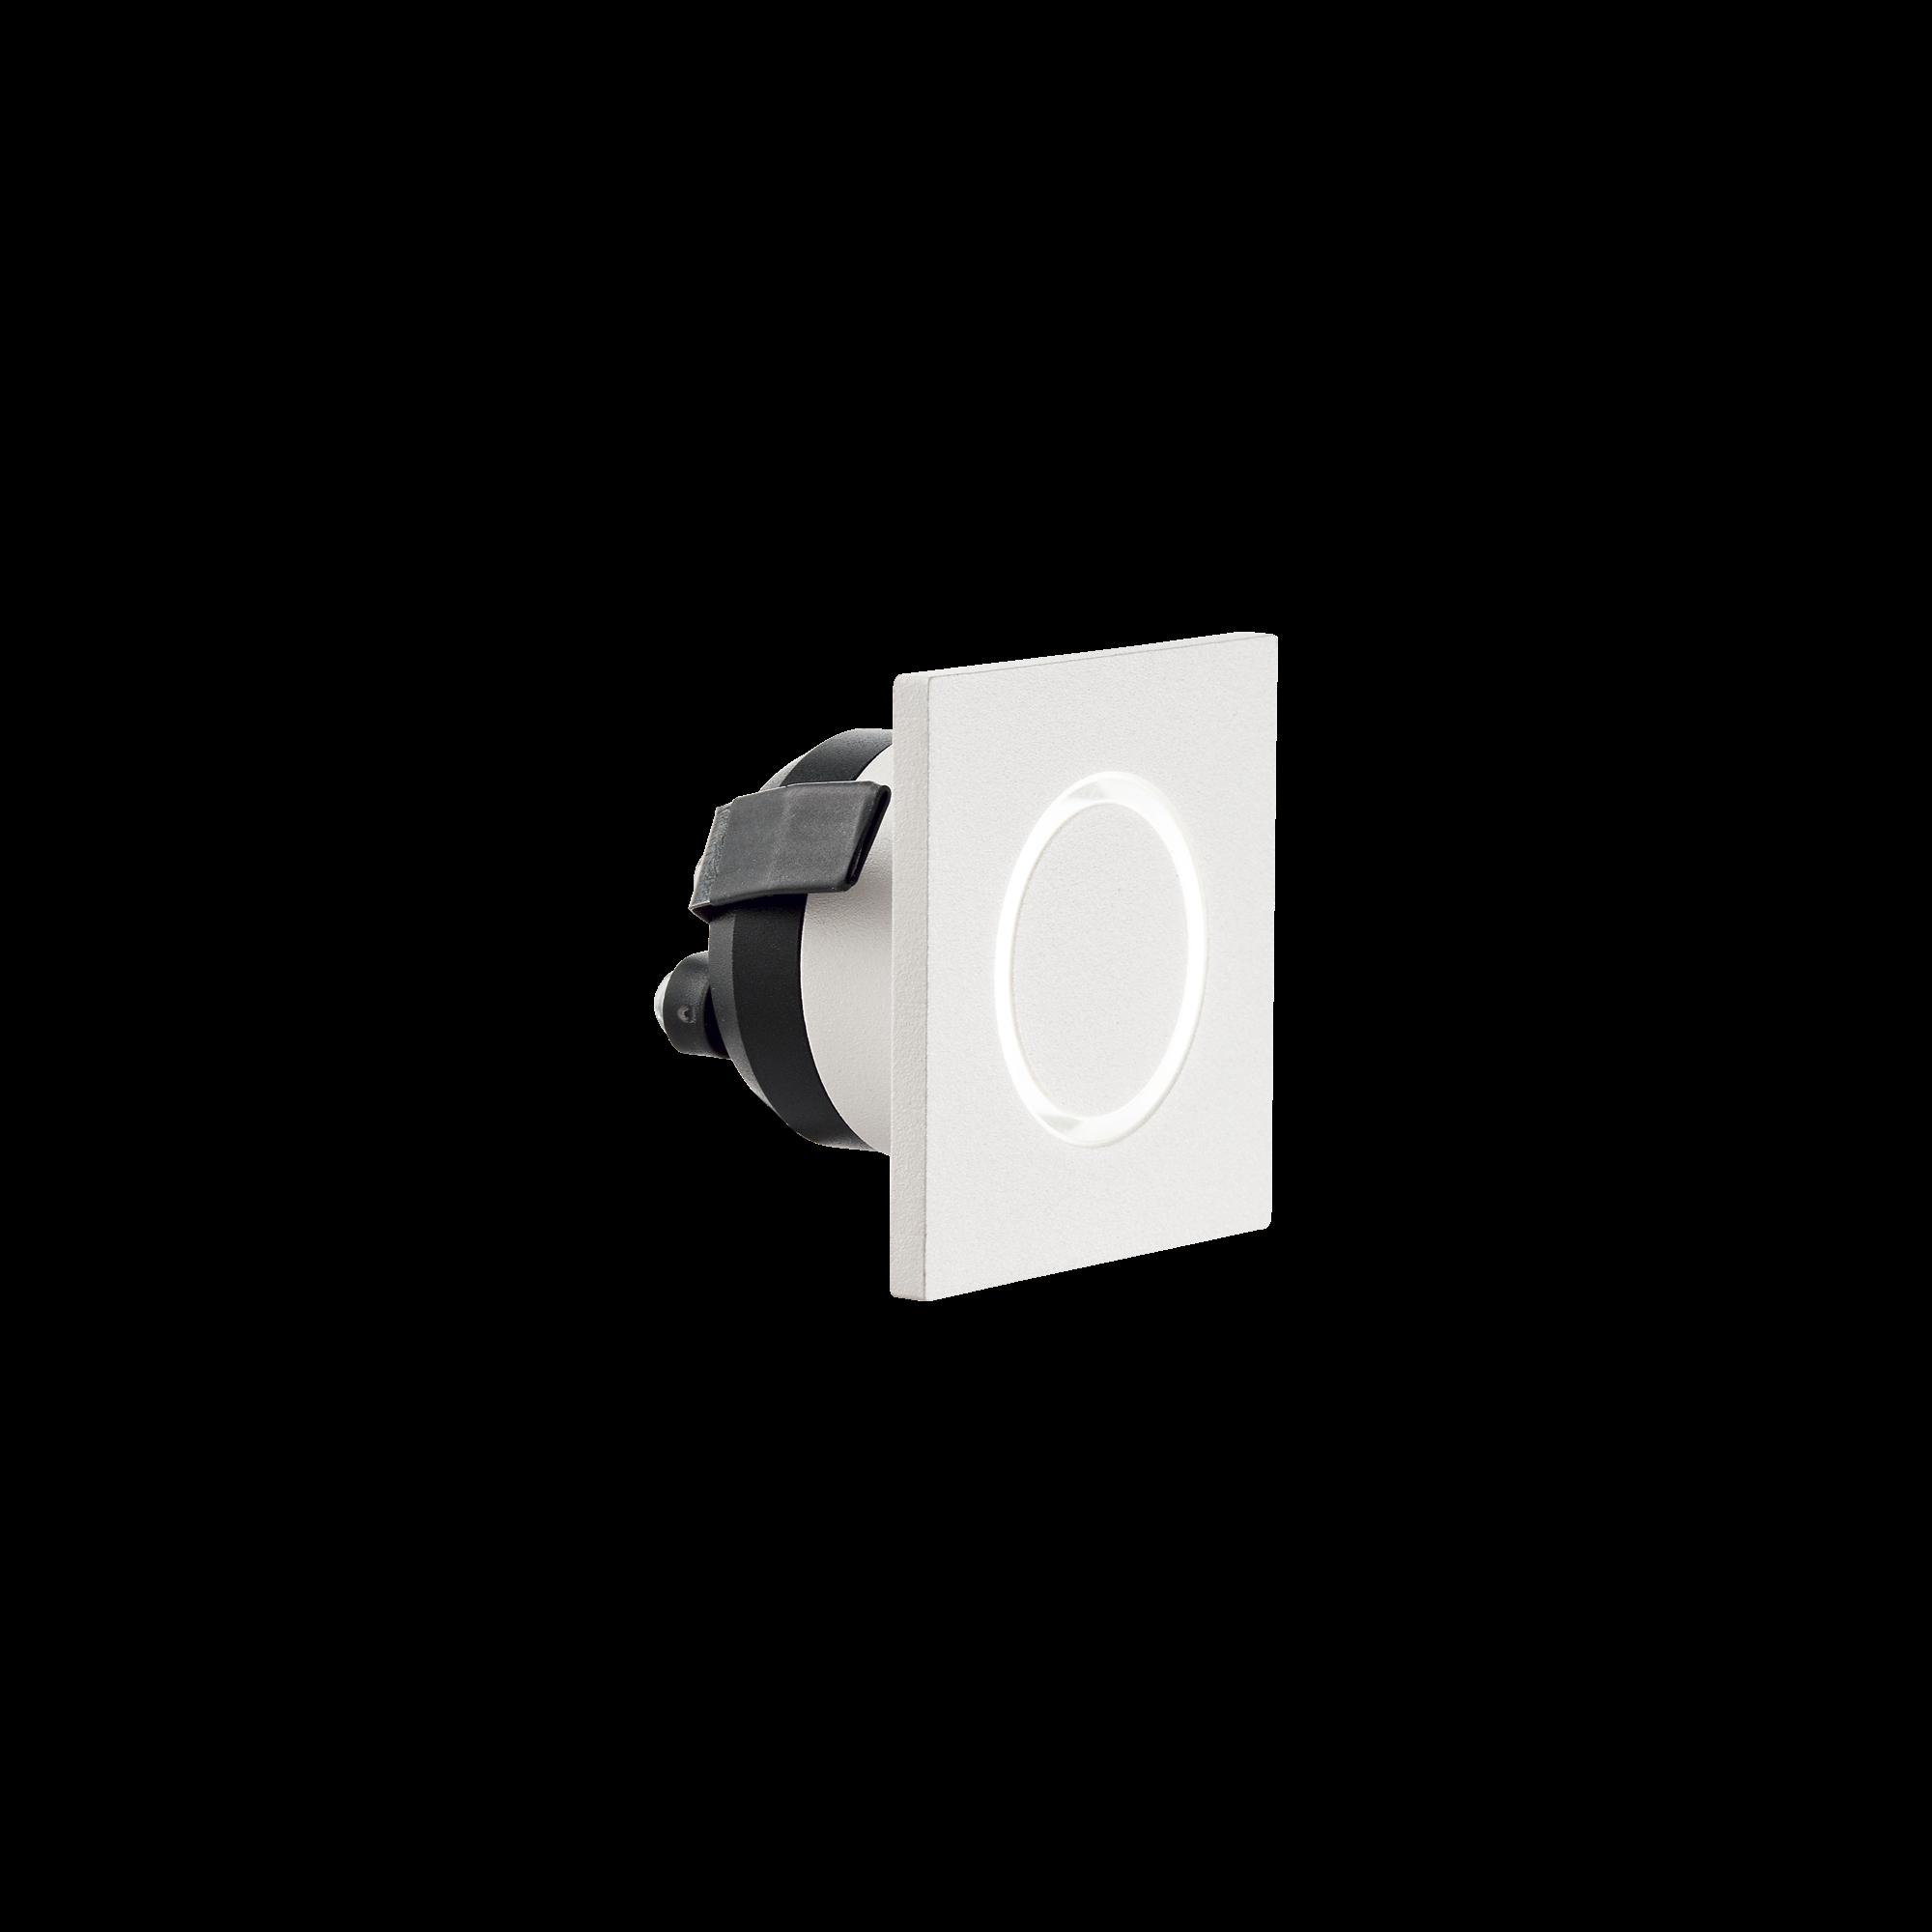 IdealLux 239811 O-LINE SQUARE venkovní zápustné svítidlo 3W 60lm 3000K IP20 bílá